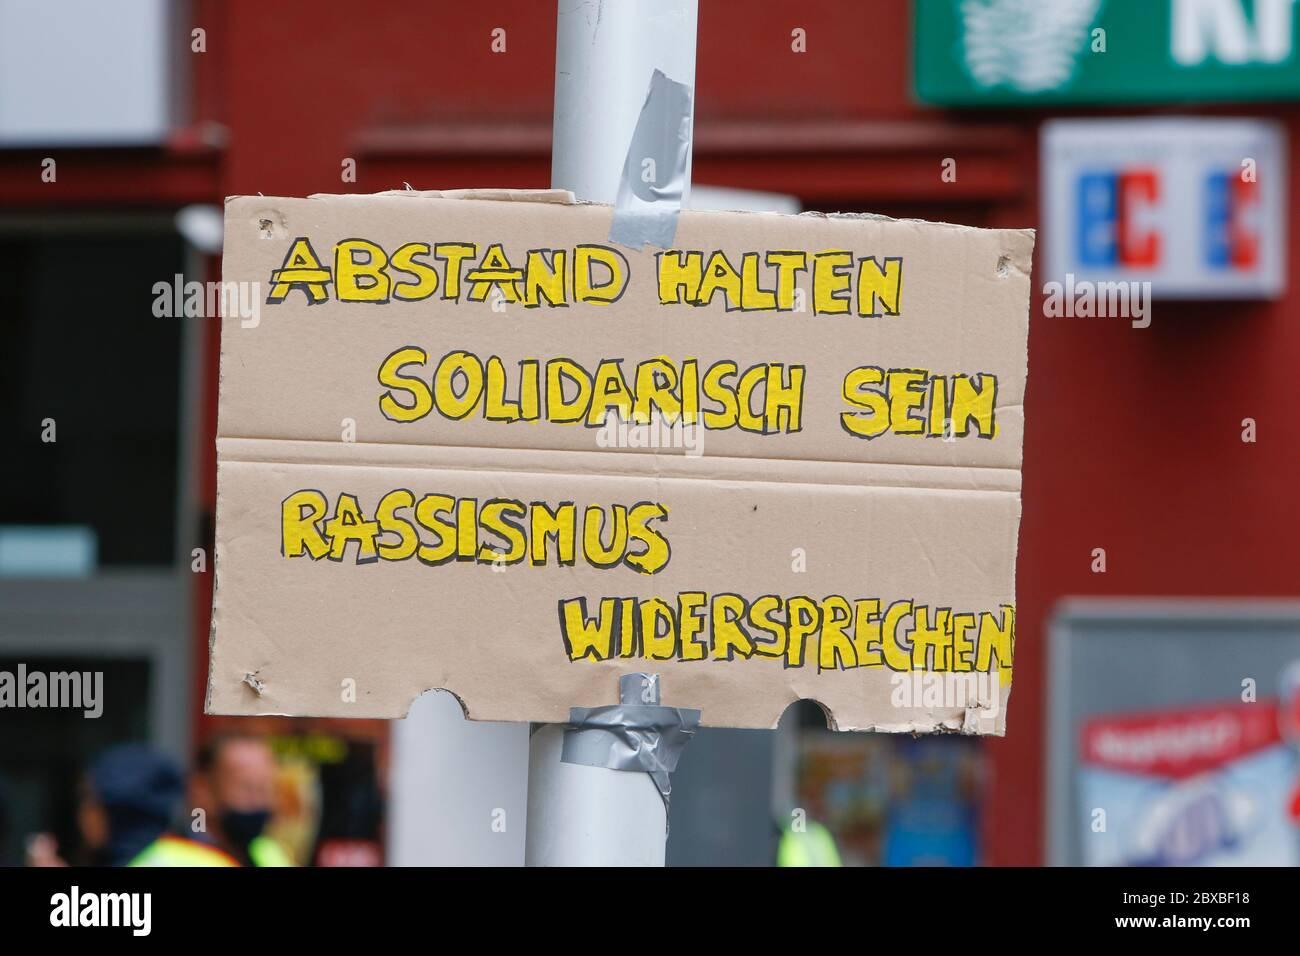 """Worm, Germania. 6 giugno 2020. Un poster appeso su un palo, con la scritta """"Mantieni la tua distanza - mostra solidarietà - non sono d'accordo con il razzismo"""". Circa 50 manifestanti di destra hanno marciato attraverso il centro di Worms per il 12. E l'ultimo 'giorno del futuro tedesco'. La marcia è stata ridotta a causa di diverse centinaia di contronestori che hanno bloccato la strada della marcia di destra. la marcia è stata un evento annuale di destra in diverse città tedesche che ha attirato oltre 1000 manifestanti al suo massimo livello. Foto Stock"""